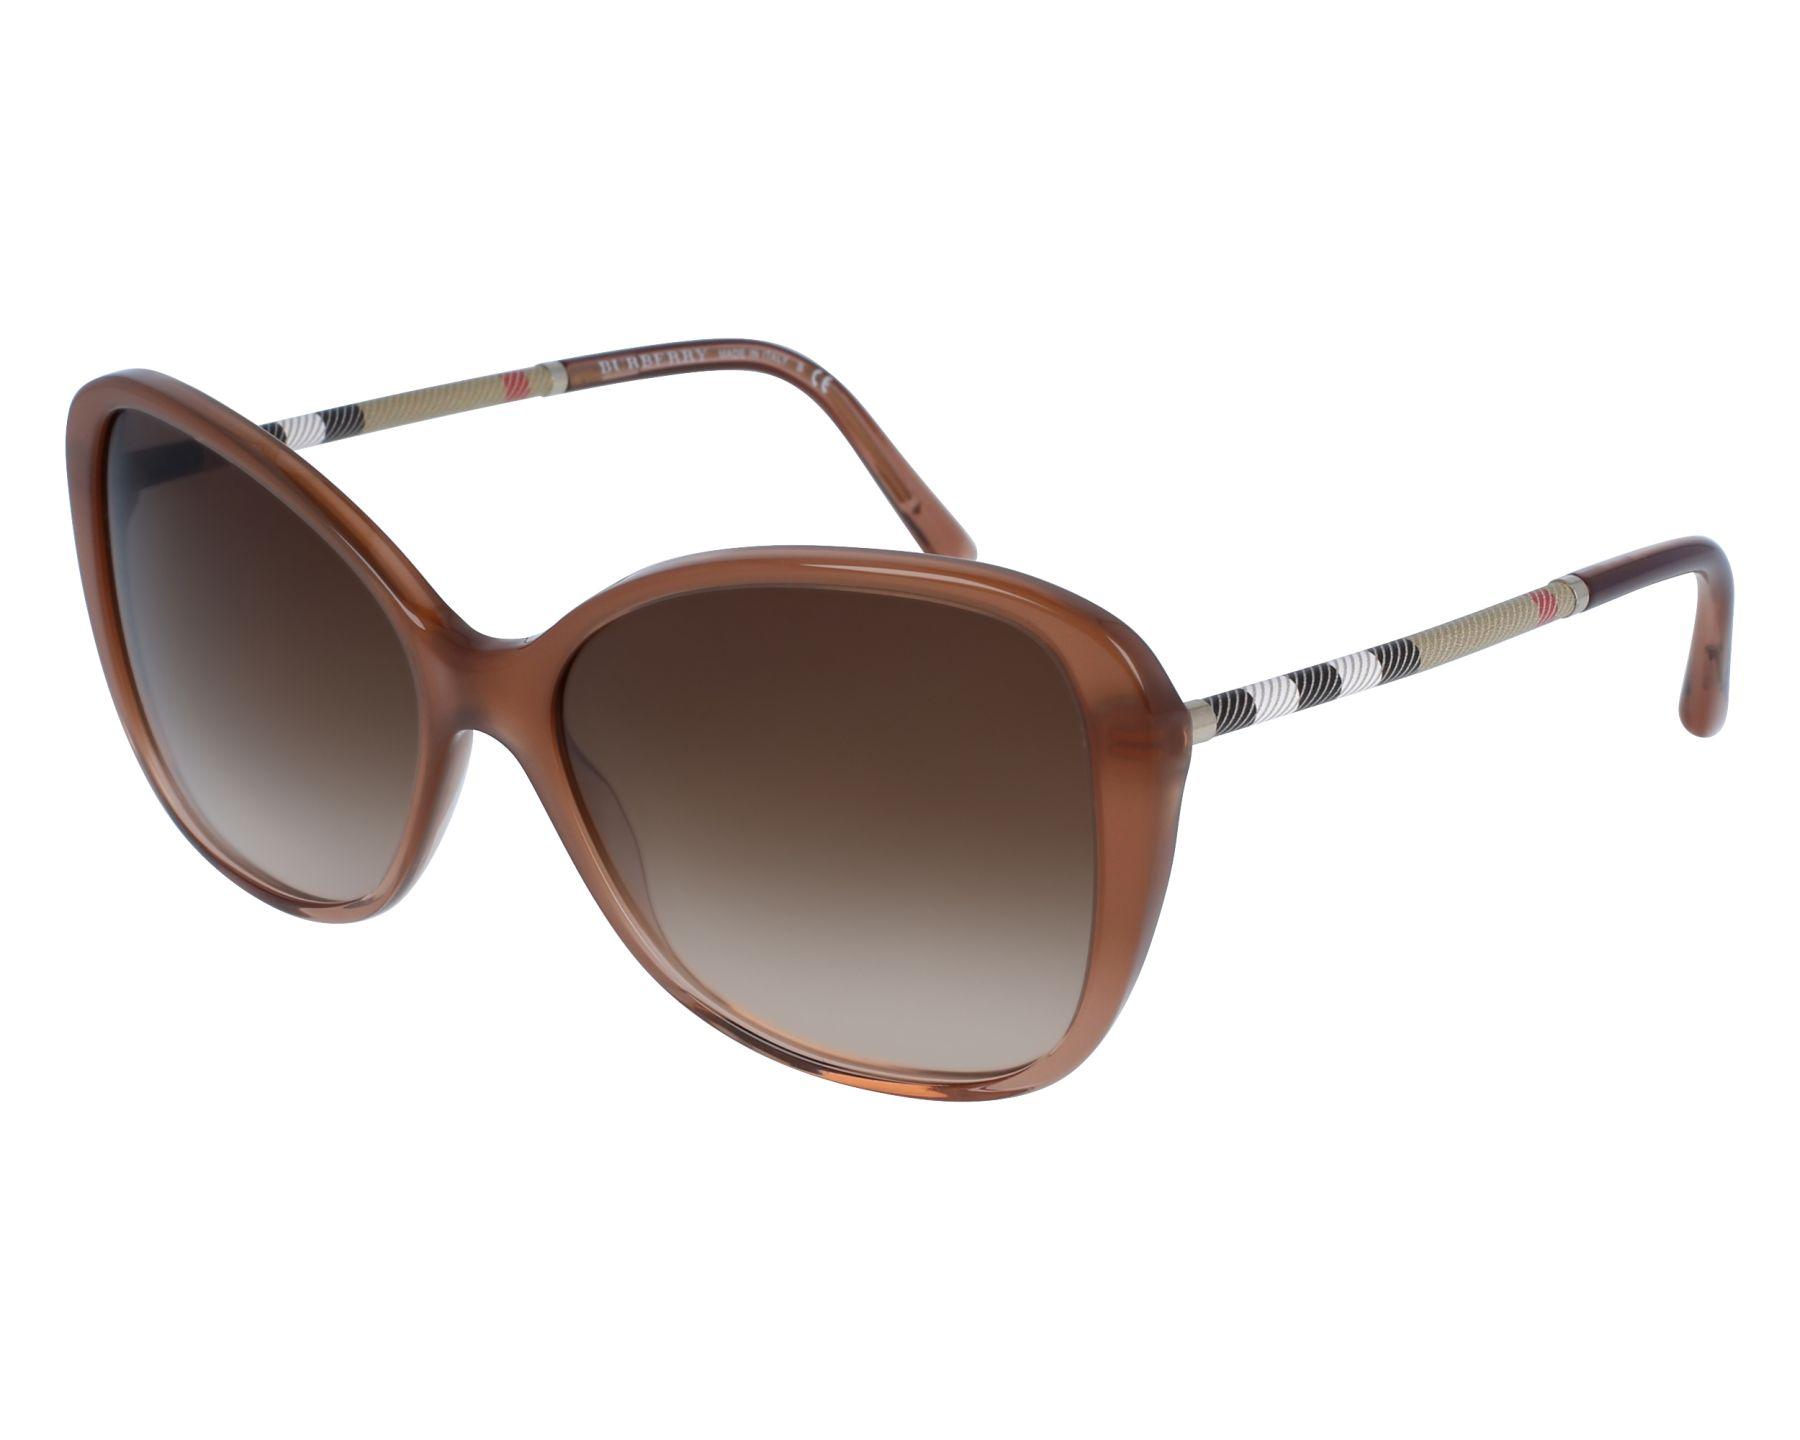 Burberry Sonnenbrille Be4235, UV 400, rot